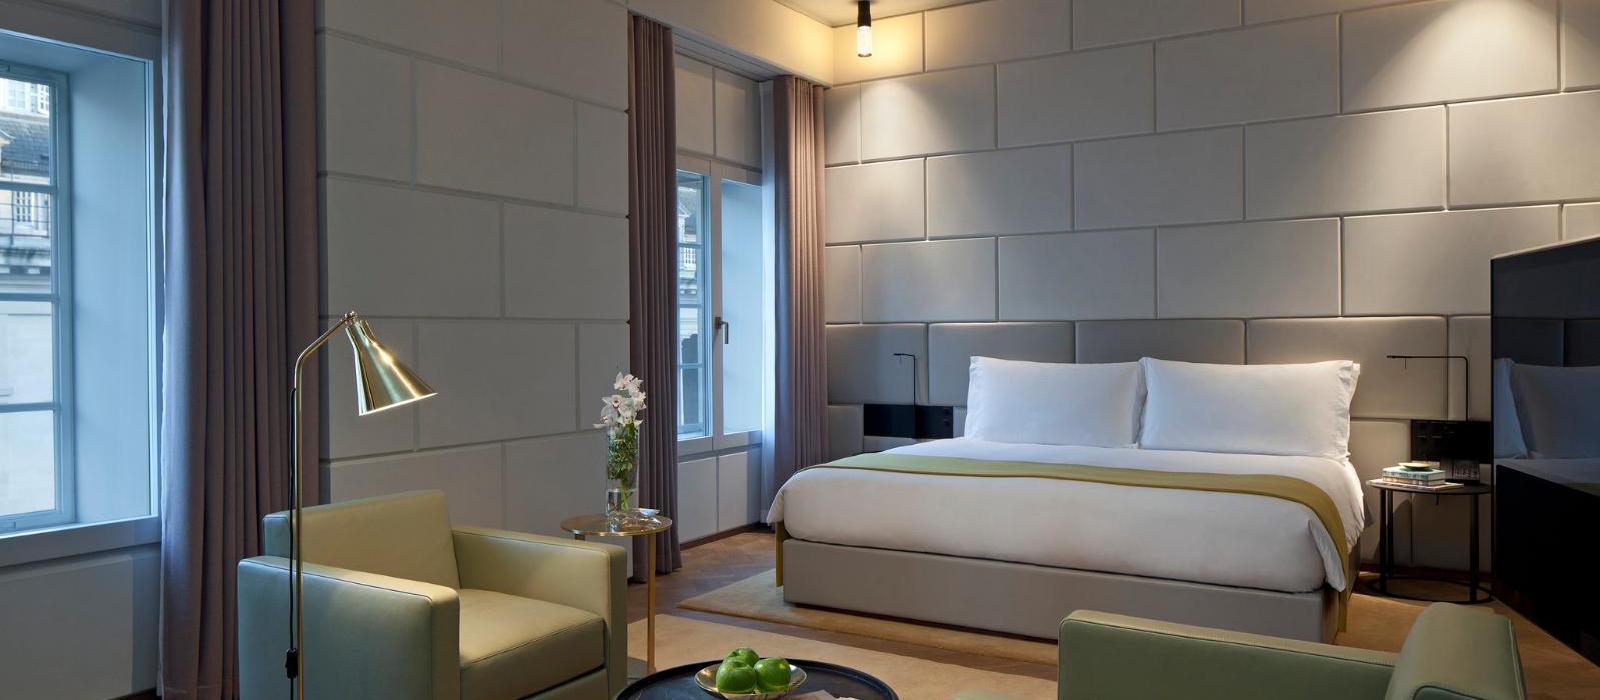 皇家凱馥酒店(Hotel Cafe Royal) 標準套房圖片  www.yisecj.live